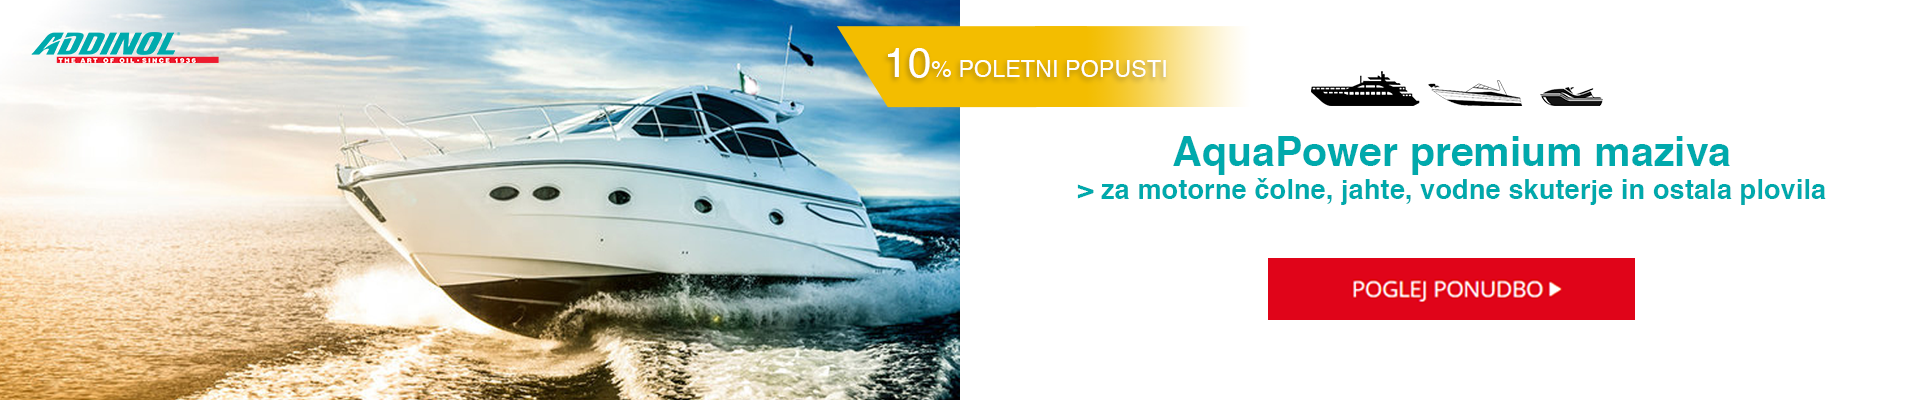 AquaPower premium maziva